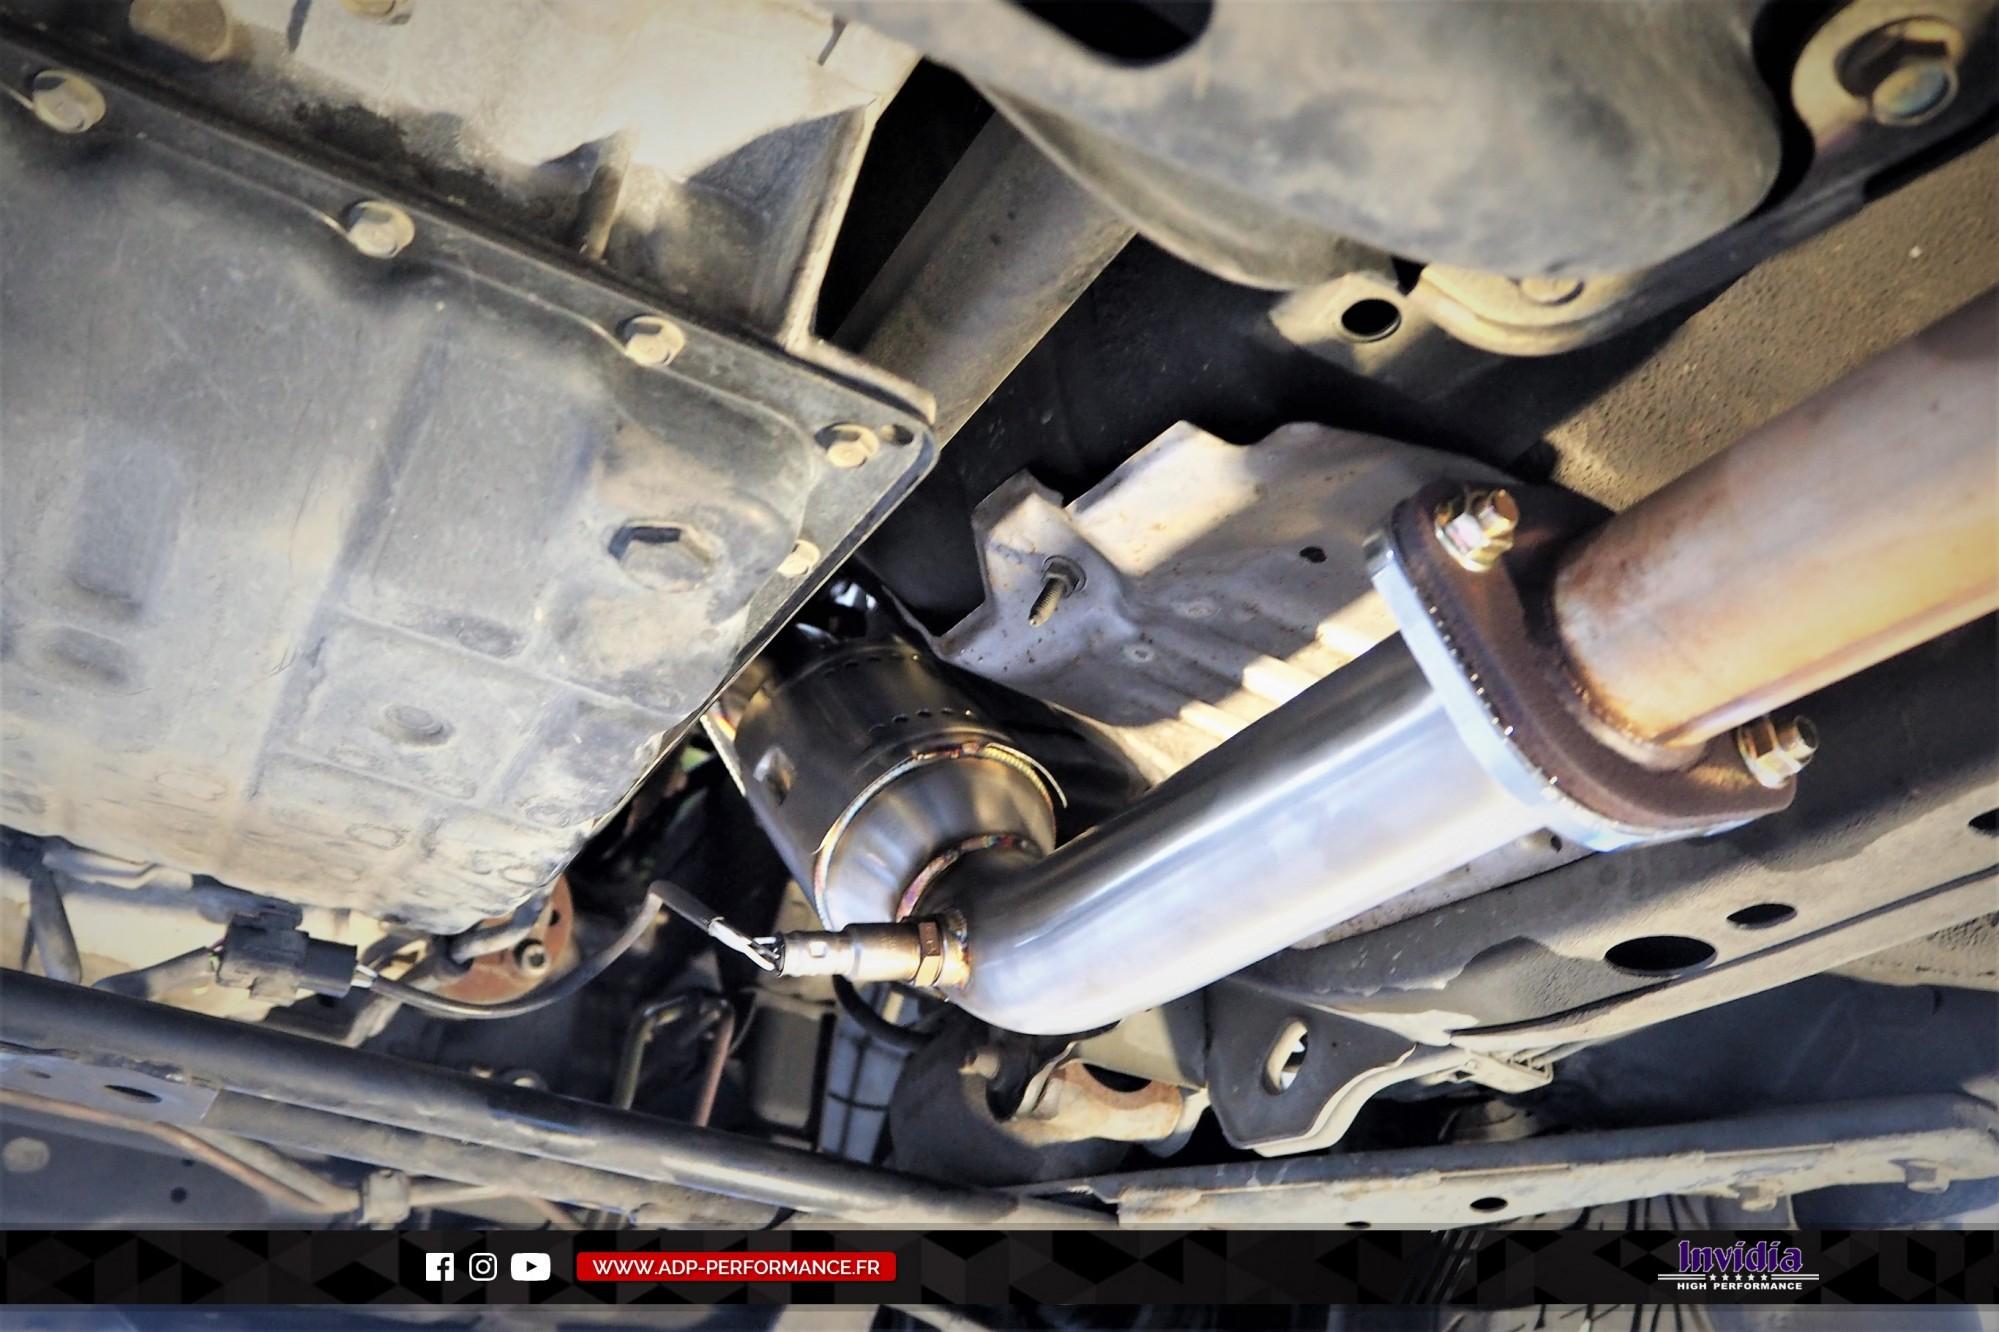 Catalyseur sport Invidia Aubagne - Infiniti FX35 - ADP Performance